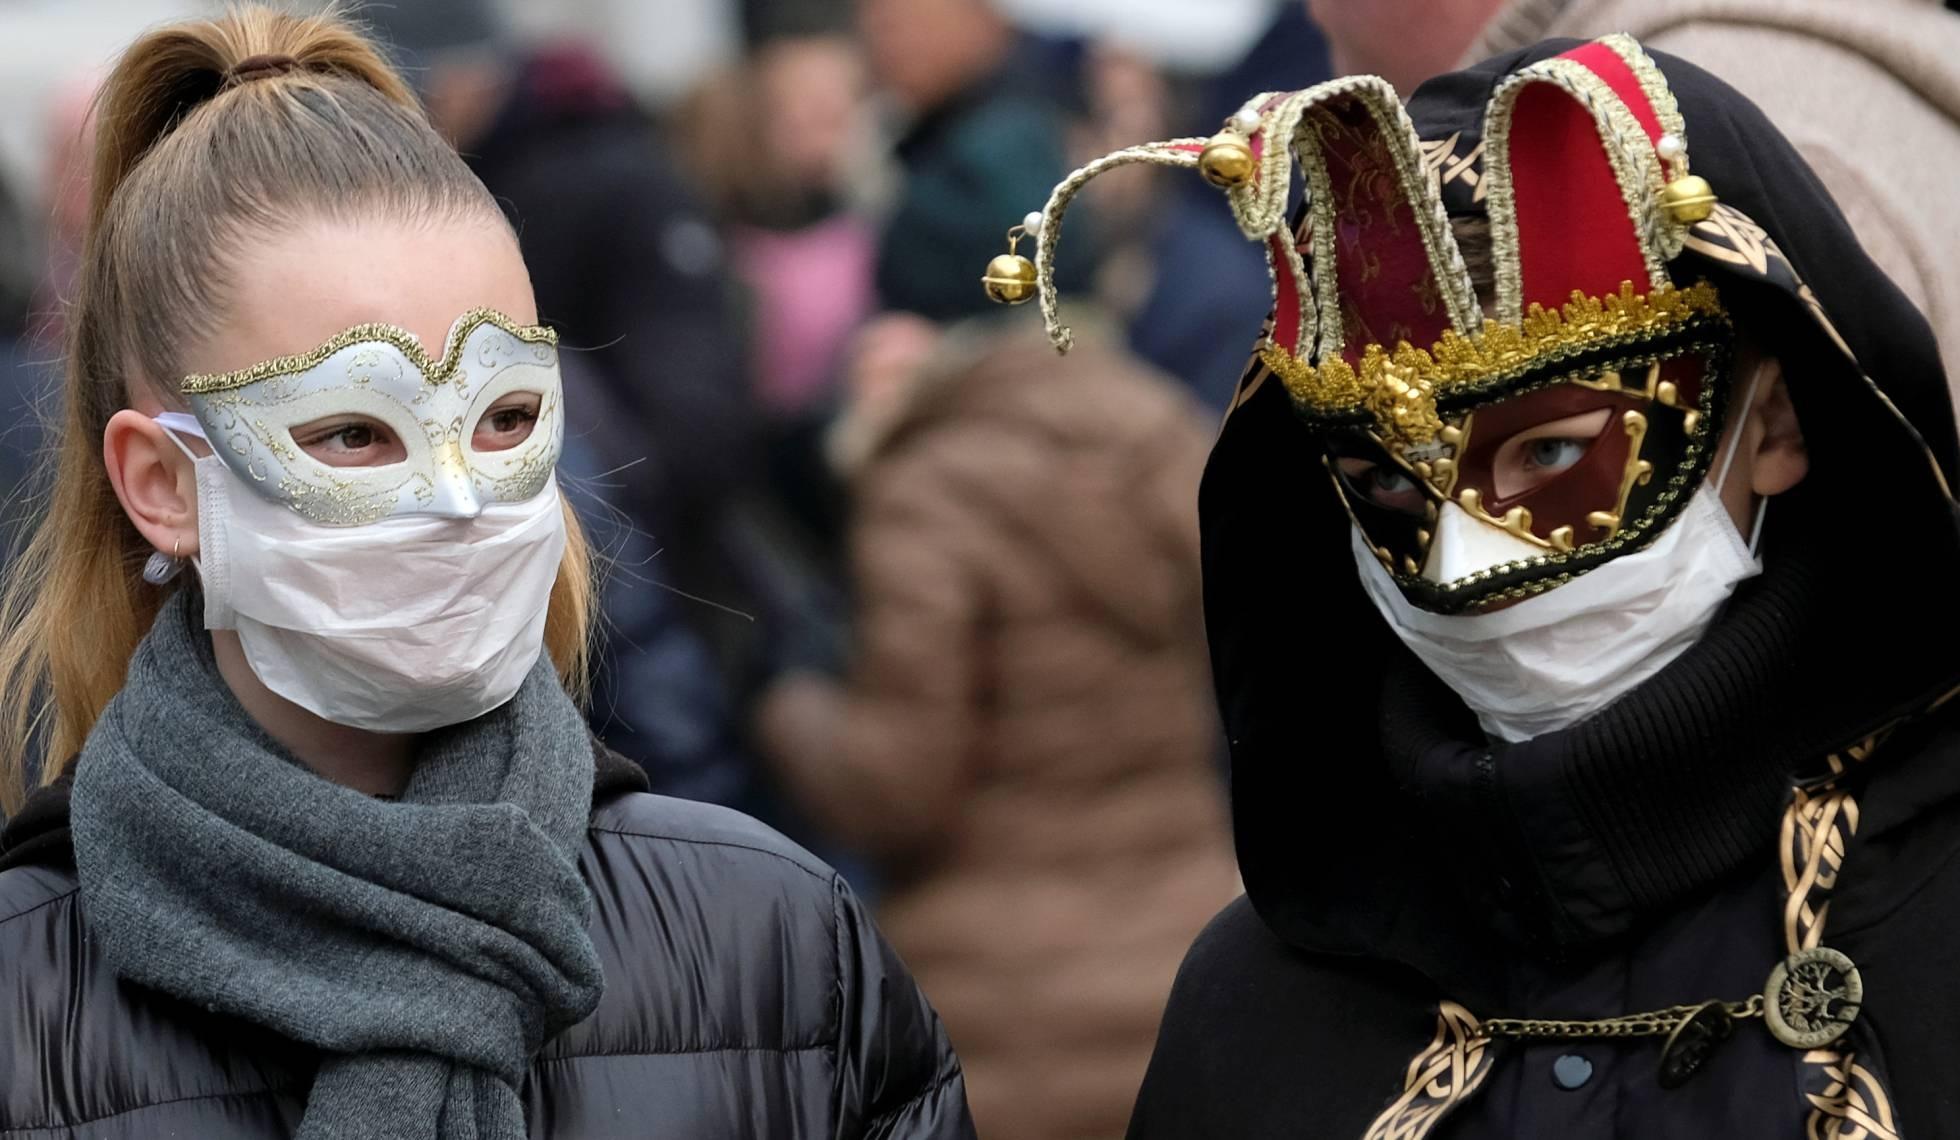 Italia mengkonfirmasi tiga kematian akibat Coronavirus 1